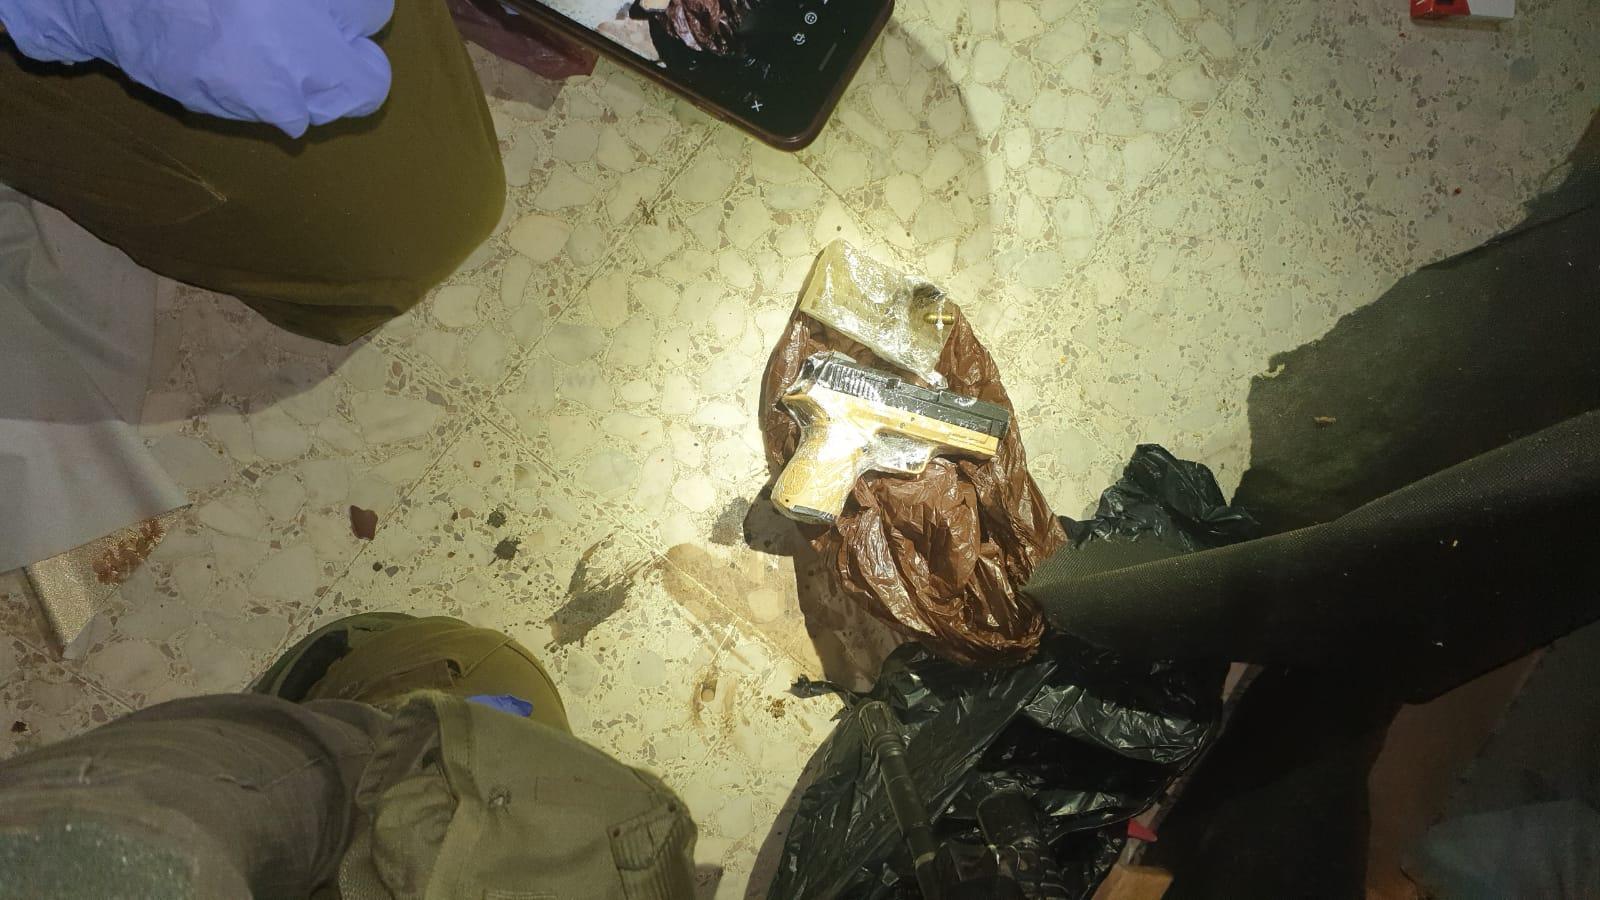 תיעוד בלעדי: לוחמי נצח יהודה עצרו ערבי מבוקש ותפסו נשק | צפו